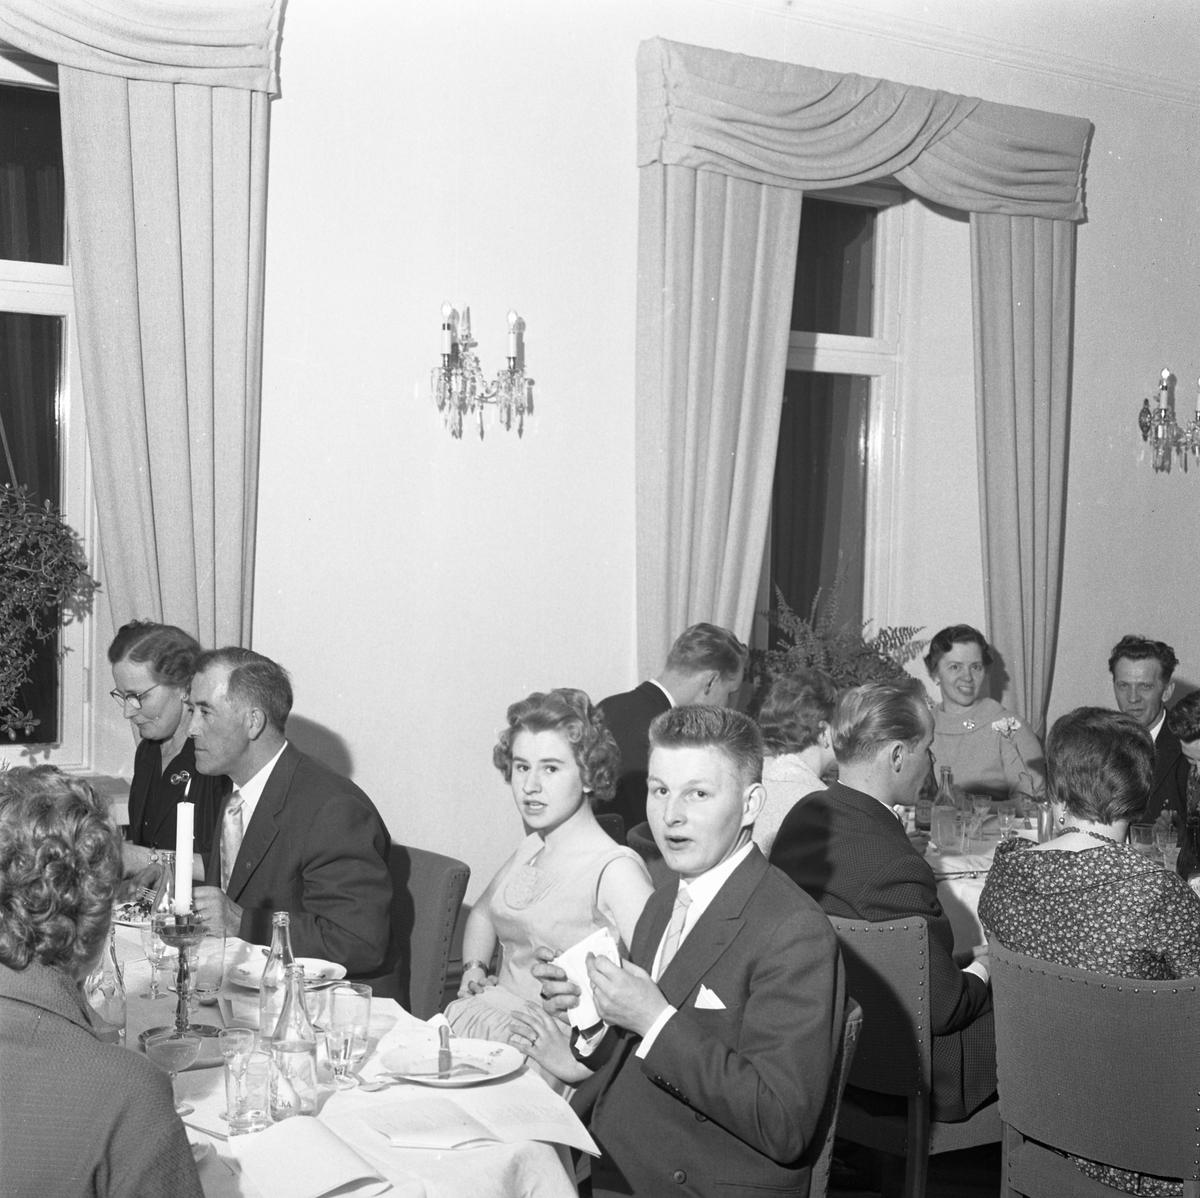 Elektrikerförbundets Arbogaavdelning firar jubileum. Män och kvinnor intar en måltid vid dukade bord. Mannen som ser in i kameran, är Johansson från Medåker.